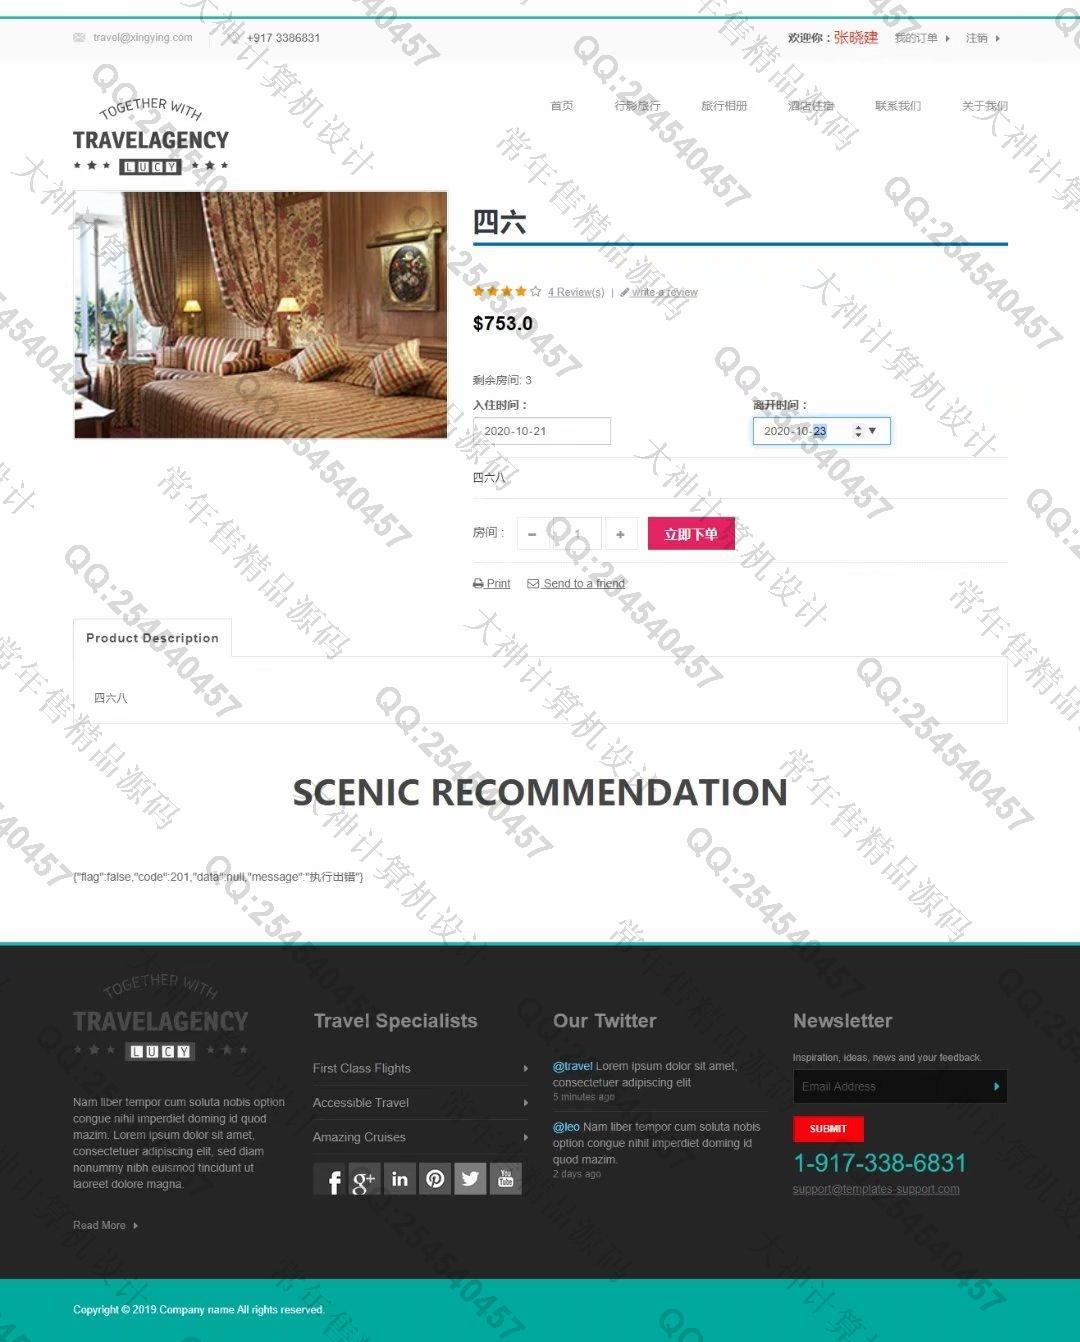 毕业论文课程设计源码实例-1250基于Springboot+Thymeleaf旅游景点酒店预订网站截图